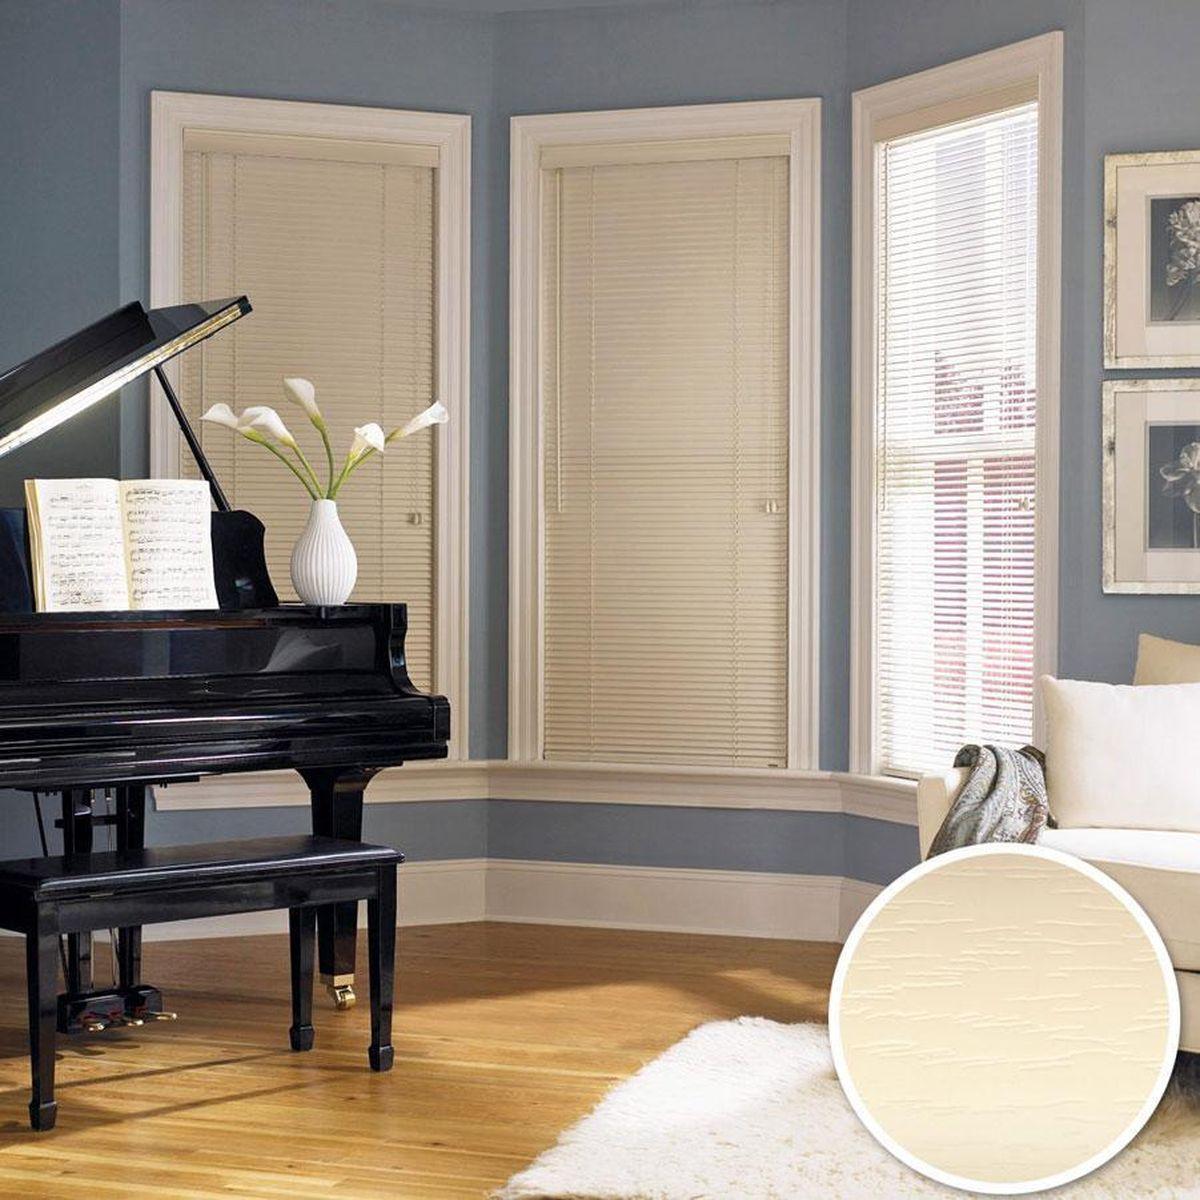 Жалюзи Эскар, цвет: бежевый, ширина 120 см, высота 160 см61009120160Для того чтобы придать интерьеру изюминку и завершенность, нет ничего лучше, чем использовать жалюзи на окнах квартиры, дома или офиса. С их помощью можно подчеркнуть индивидуальный вкус, а также стилевое оформление помещения. Помимо декоративных функций, жалюзи выполняют и практические задачи: они защищают от излишнего солнечного света, не дают помещению нагреваться, а также создают уют в темное время суток. Пластиковые жалюзи - самое универсальное и недорогое решение для любого помещения. Купить их может каждый, а широкий выбор размеров под самые популярные габариты сделает покупку простой и удобной. Пластиковые жалюзи имеют высокие эксплуатационные характеристики - они гигиеничны, что делает их незаменимыми при монтаже в детских и медицинских учреждениях.